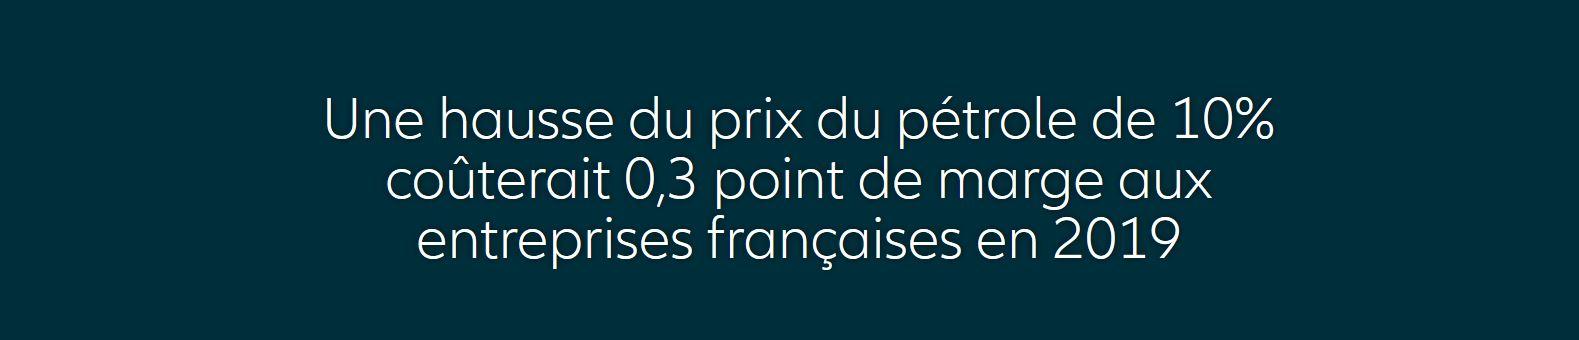 Une hausse du prix du pétrole de 10% coûterait 0,3 point de marge aux entreprises françaises en 2019